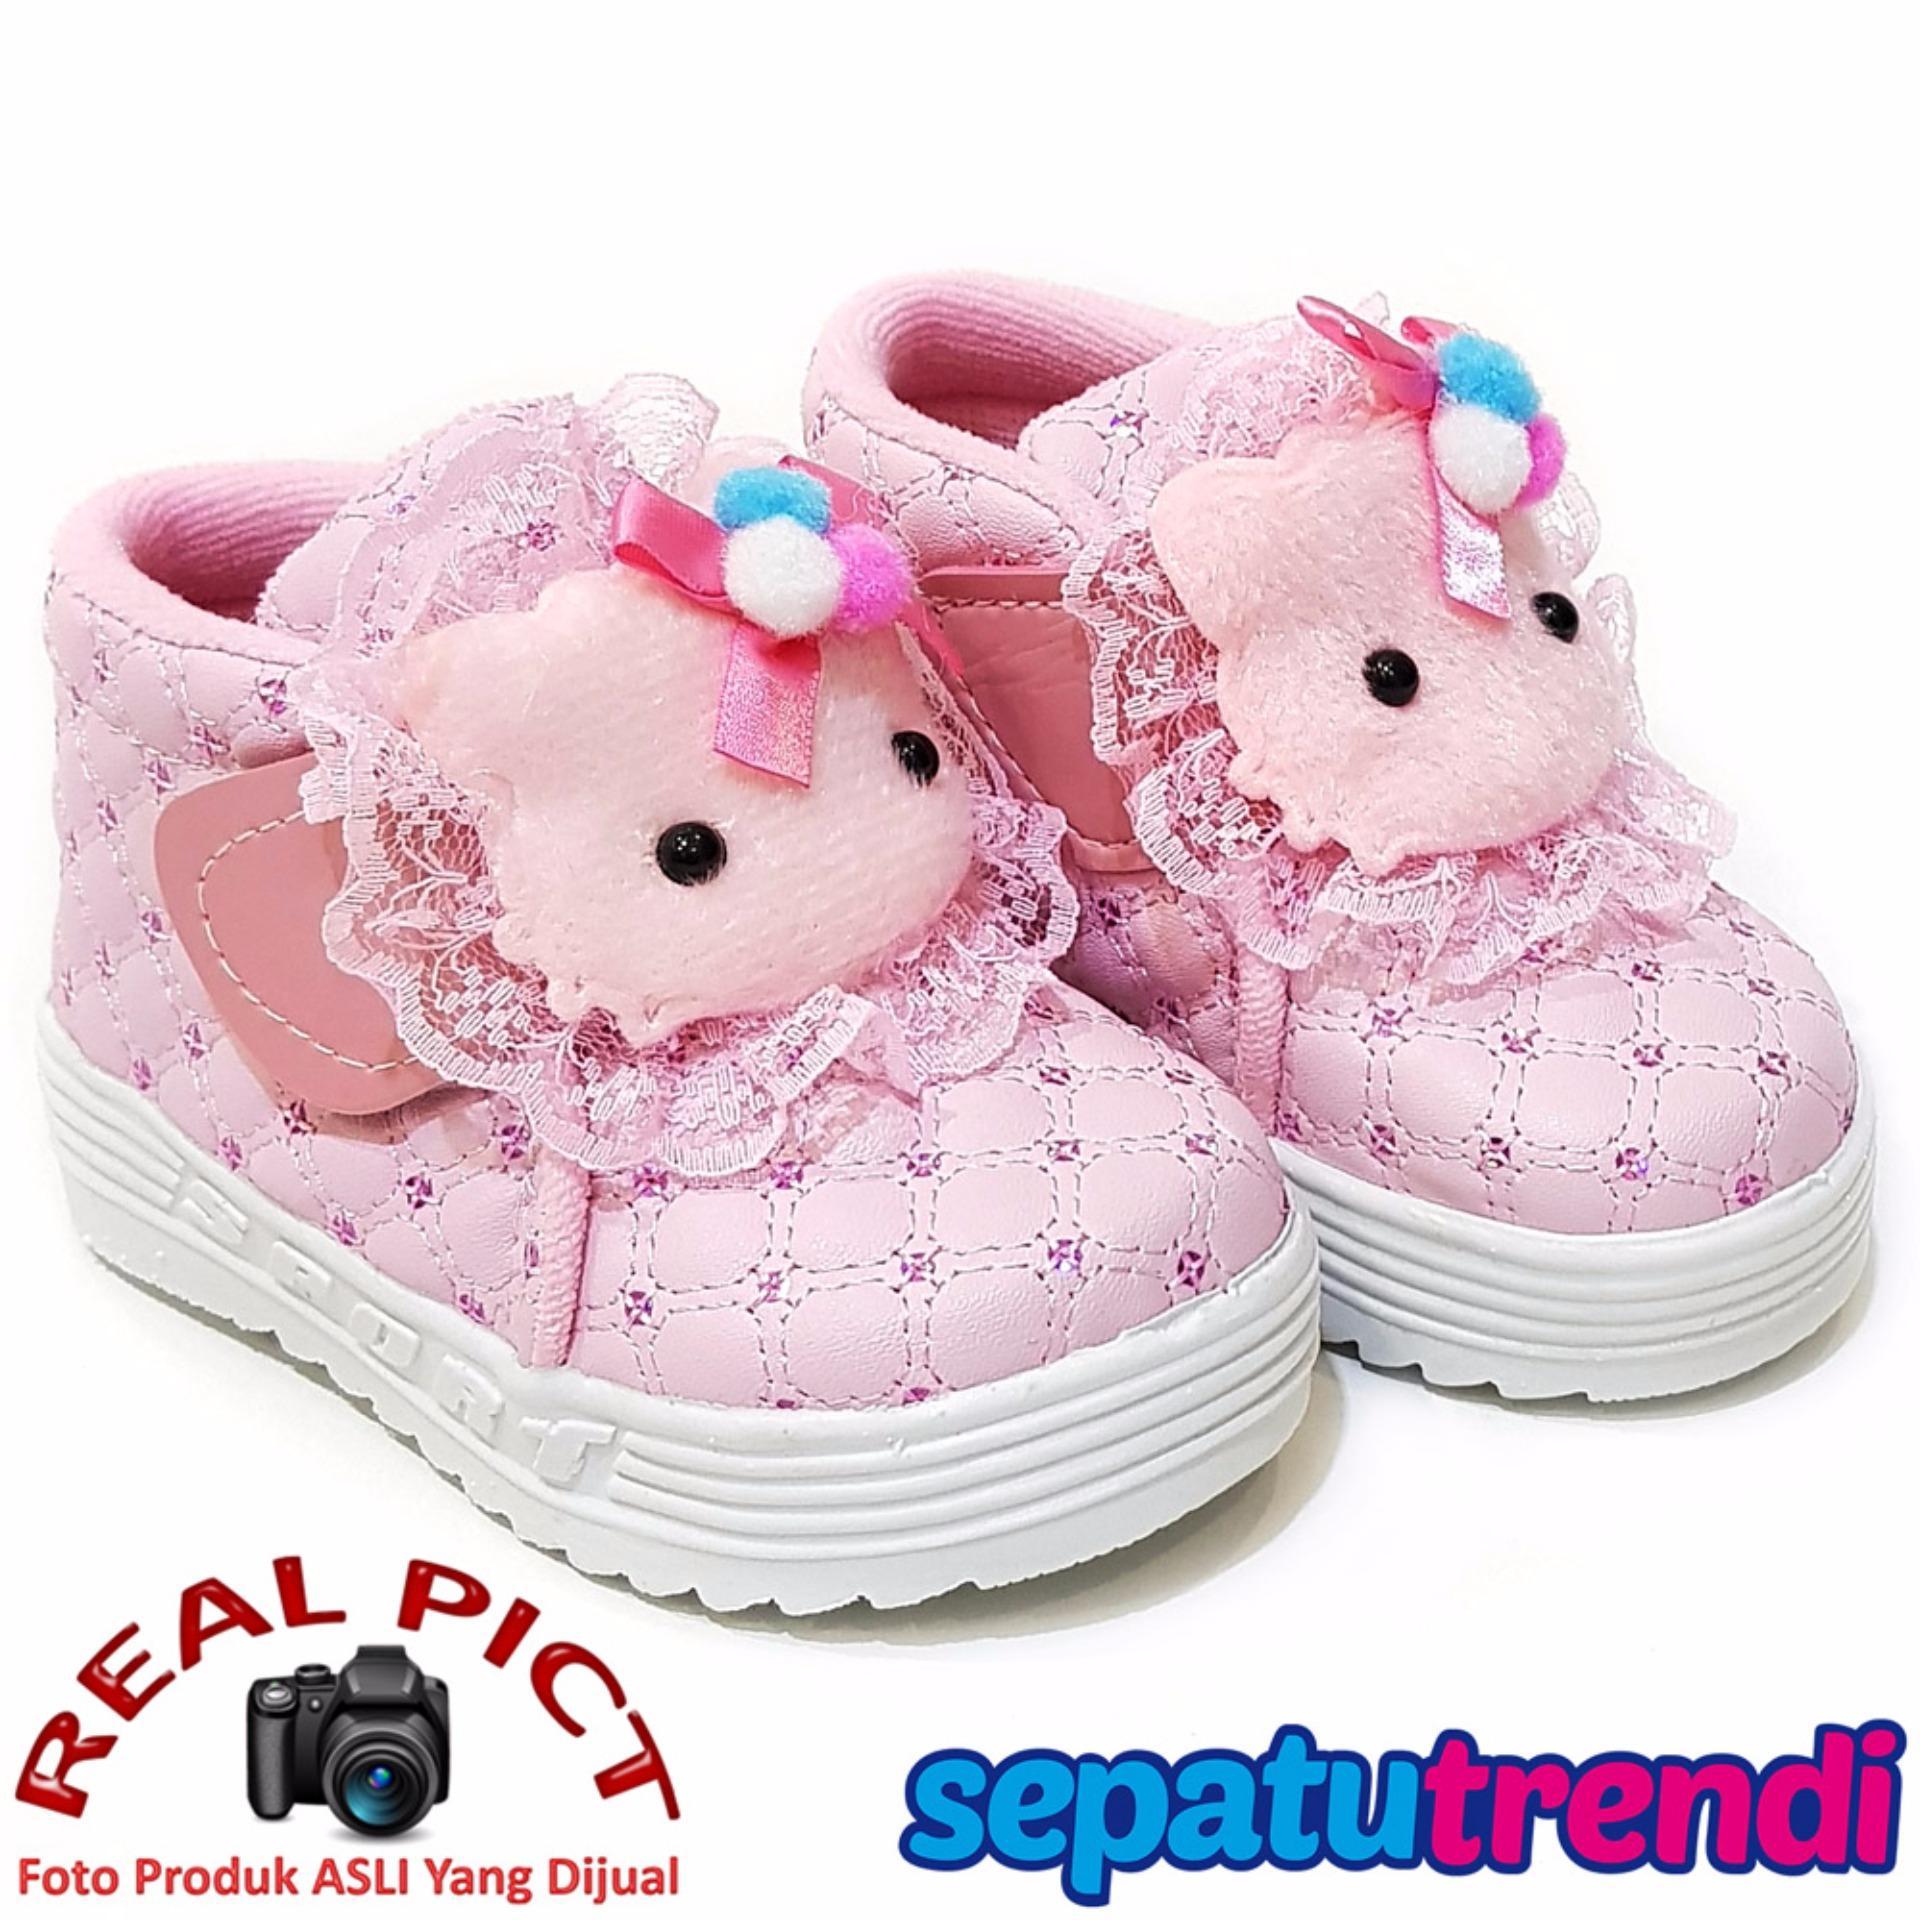 Toko Trendishoes Sepatu Anak Bayi Perempuan Semi Boot Boneka Sbnk Pink Dekat Sini